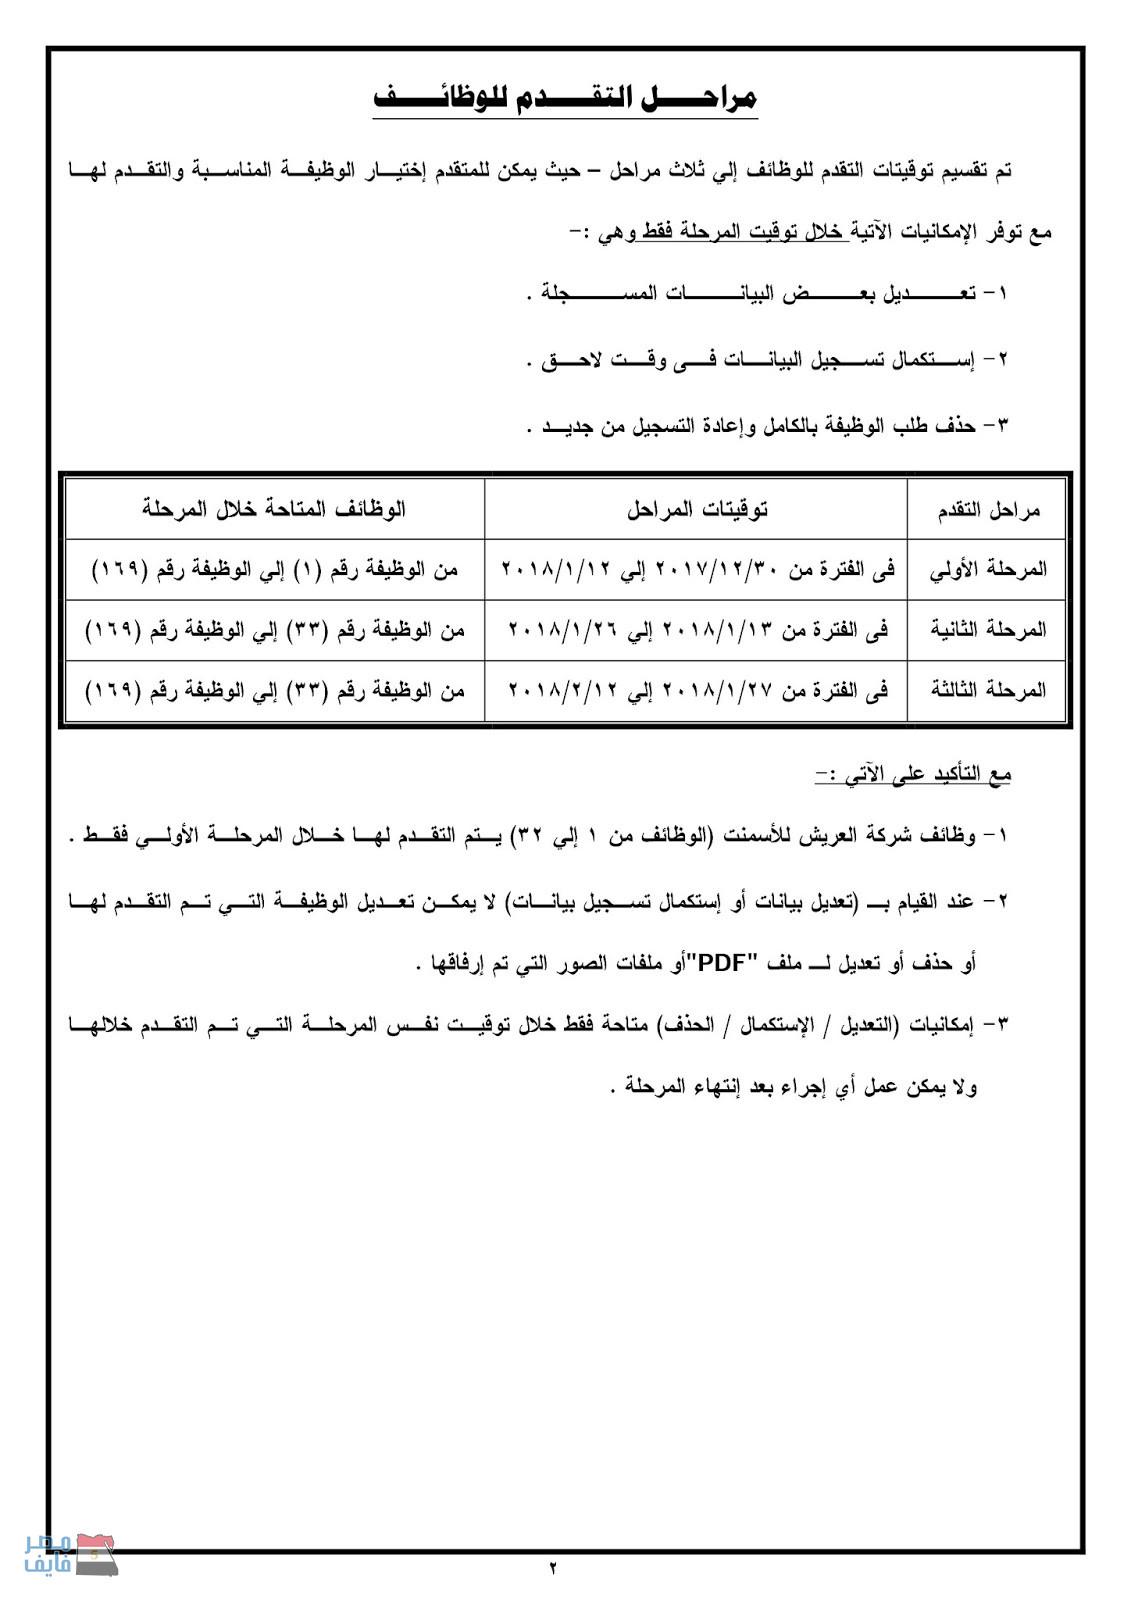 وظائف وزارة الدفاع في عدد من المحافظات لجميع المؤهلات العلمية والتقديم حتى 12 فبراير 2